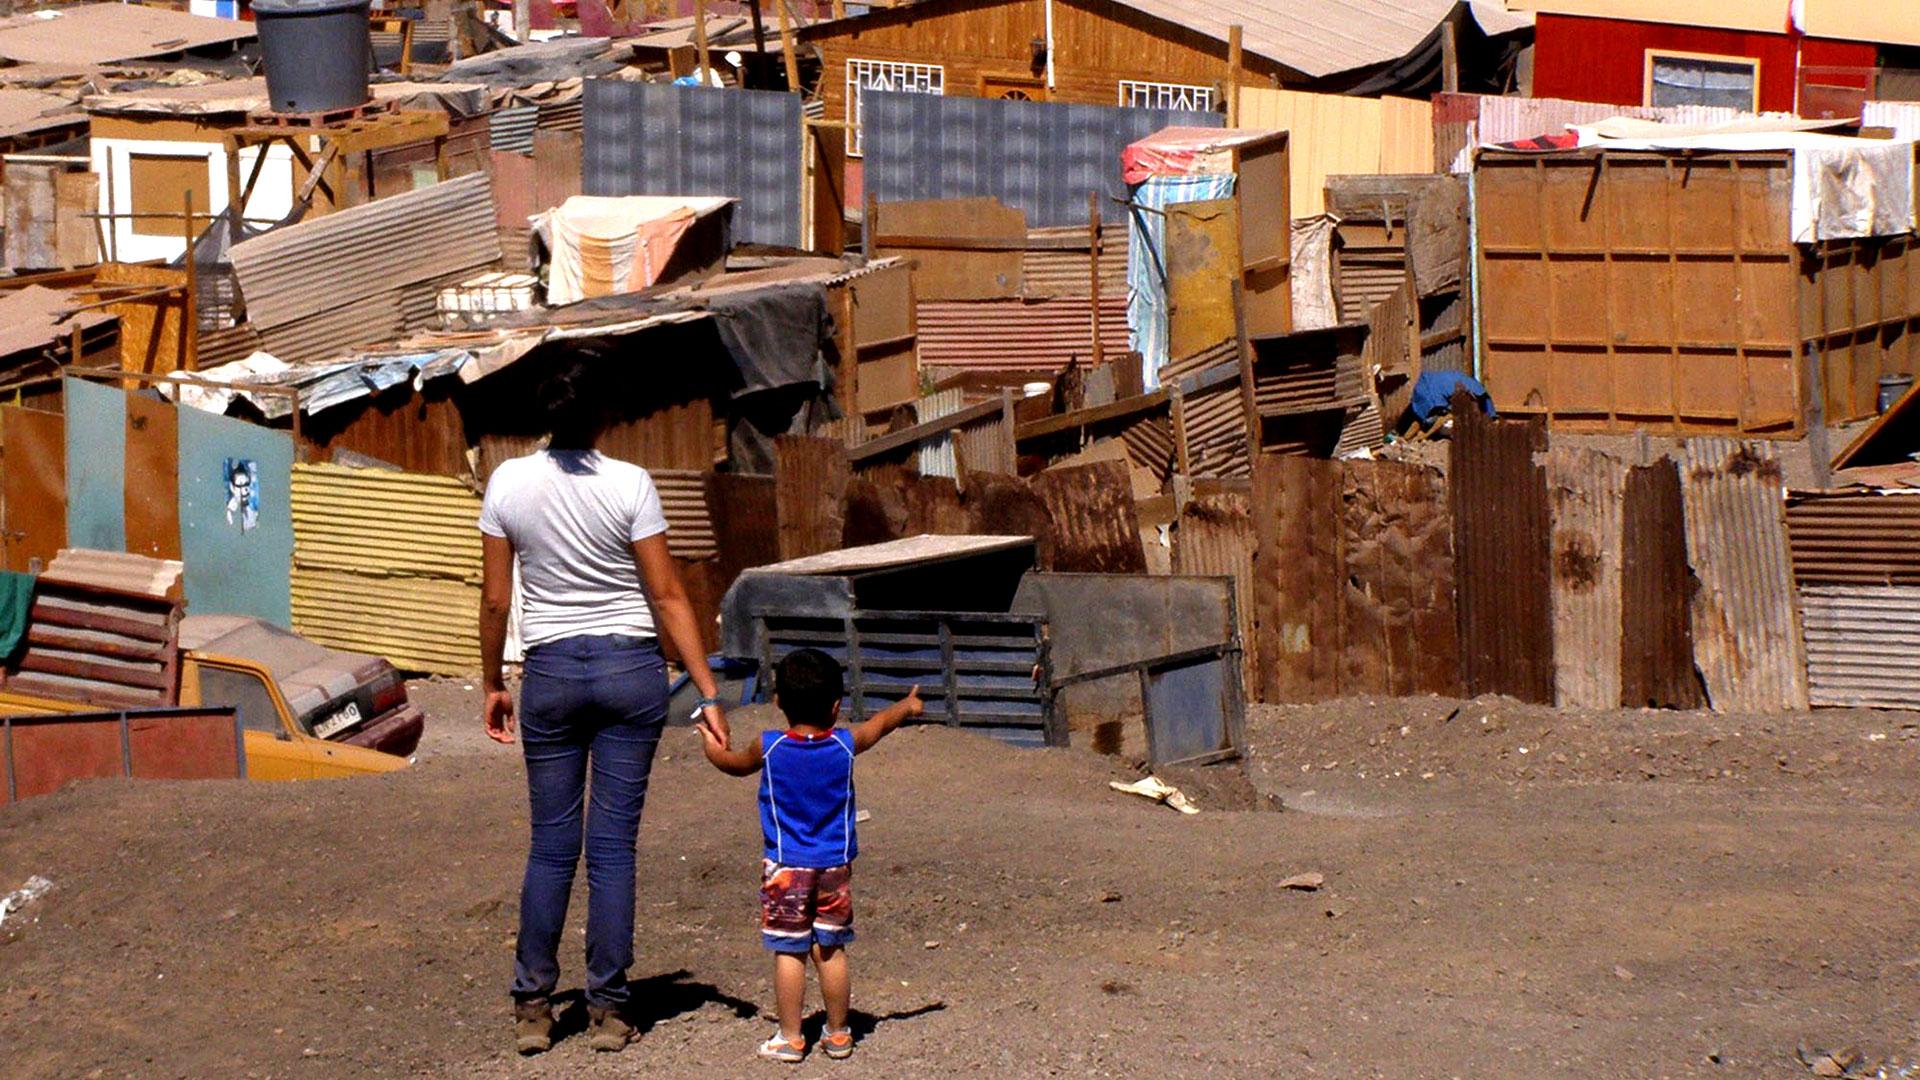 La pandemia impulsará la pobreza extrema en 2021